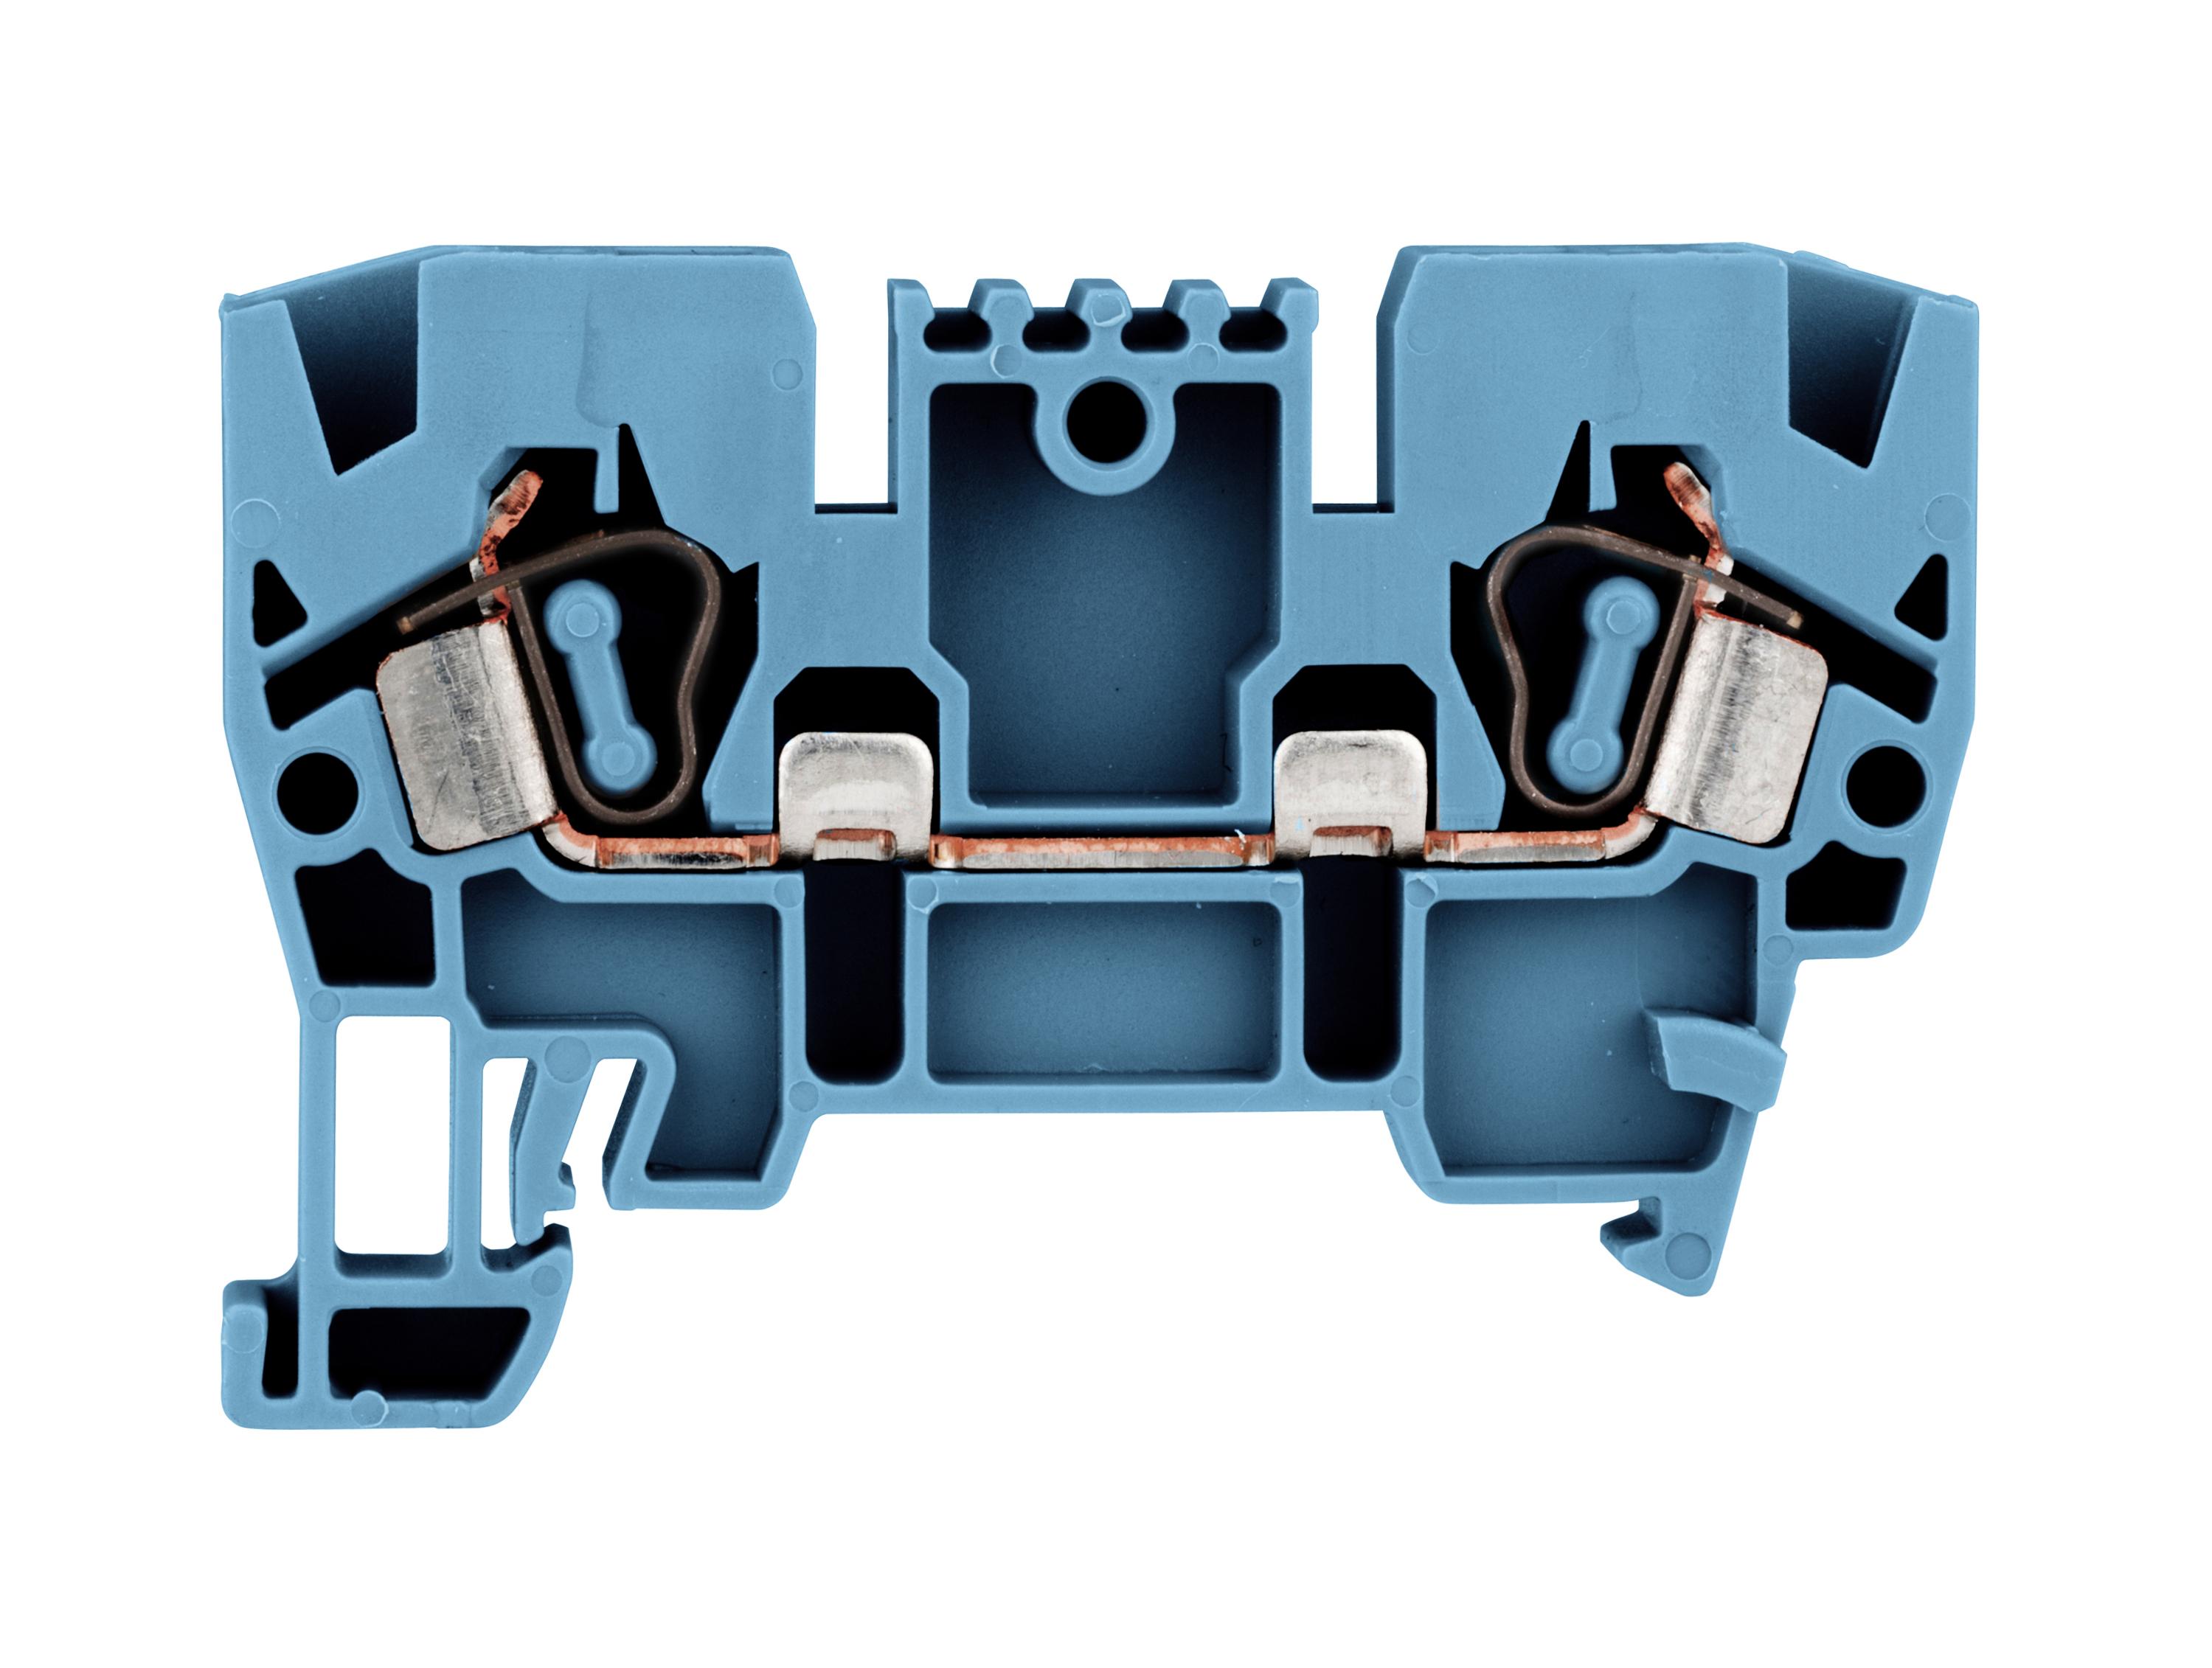 1 Stk Federkraftklemme 4mm², Type YBK 4mm², blau IK611004--